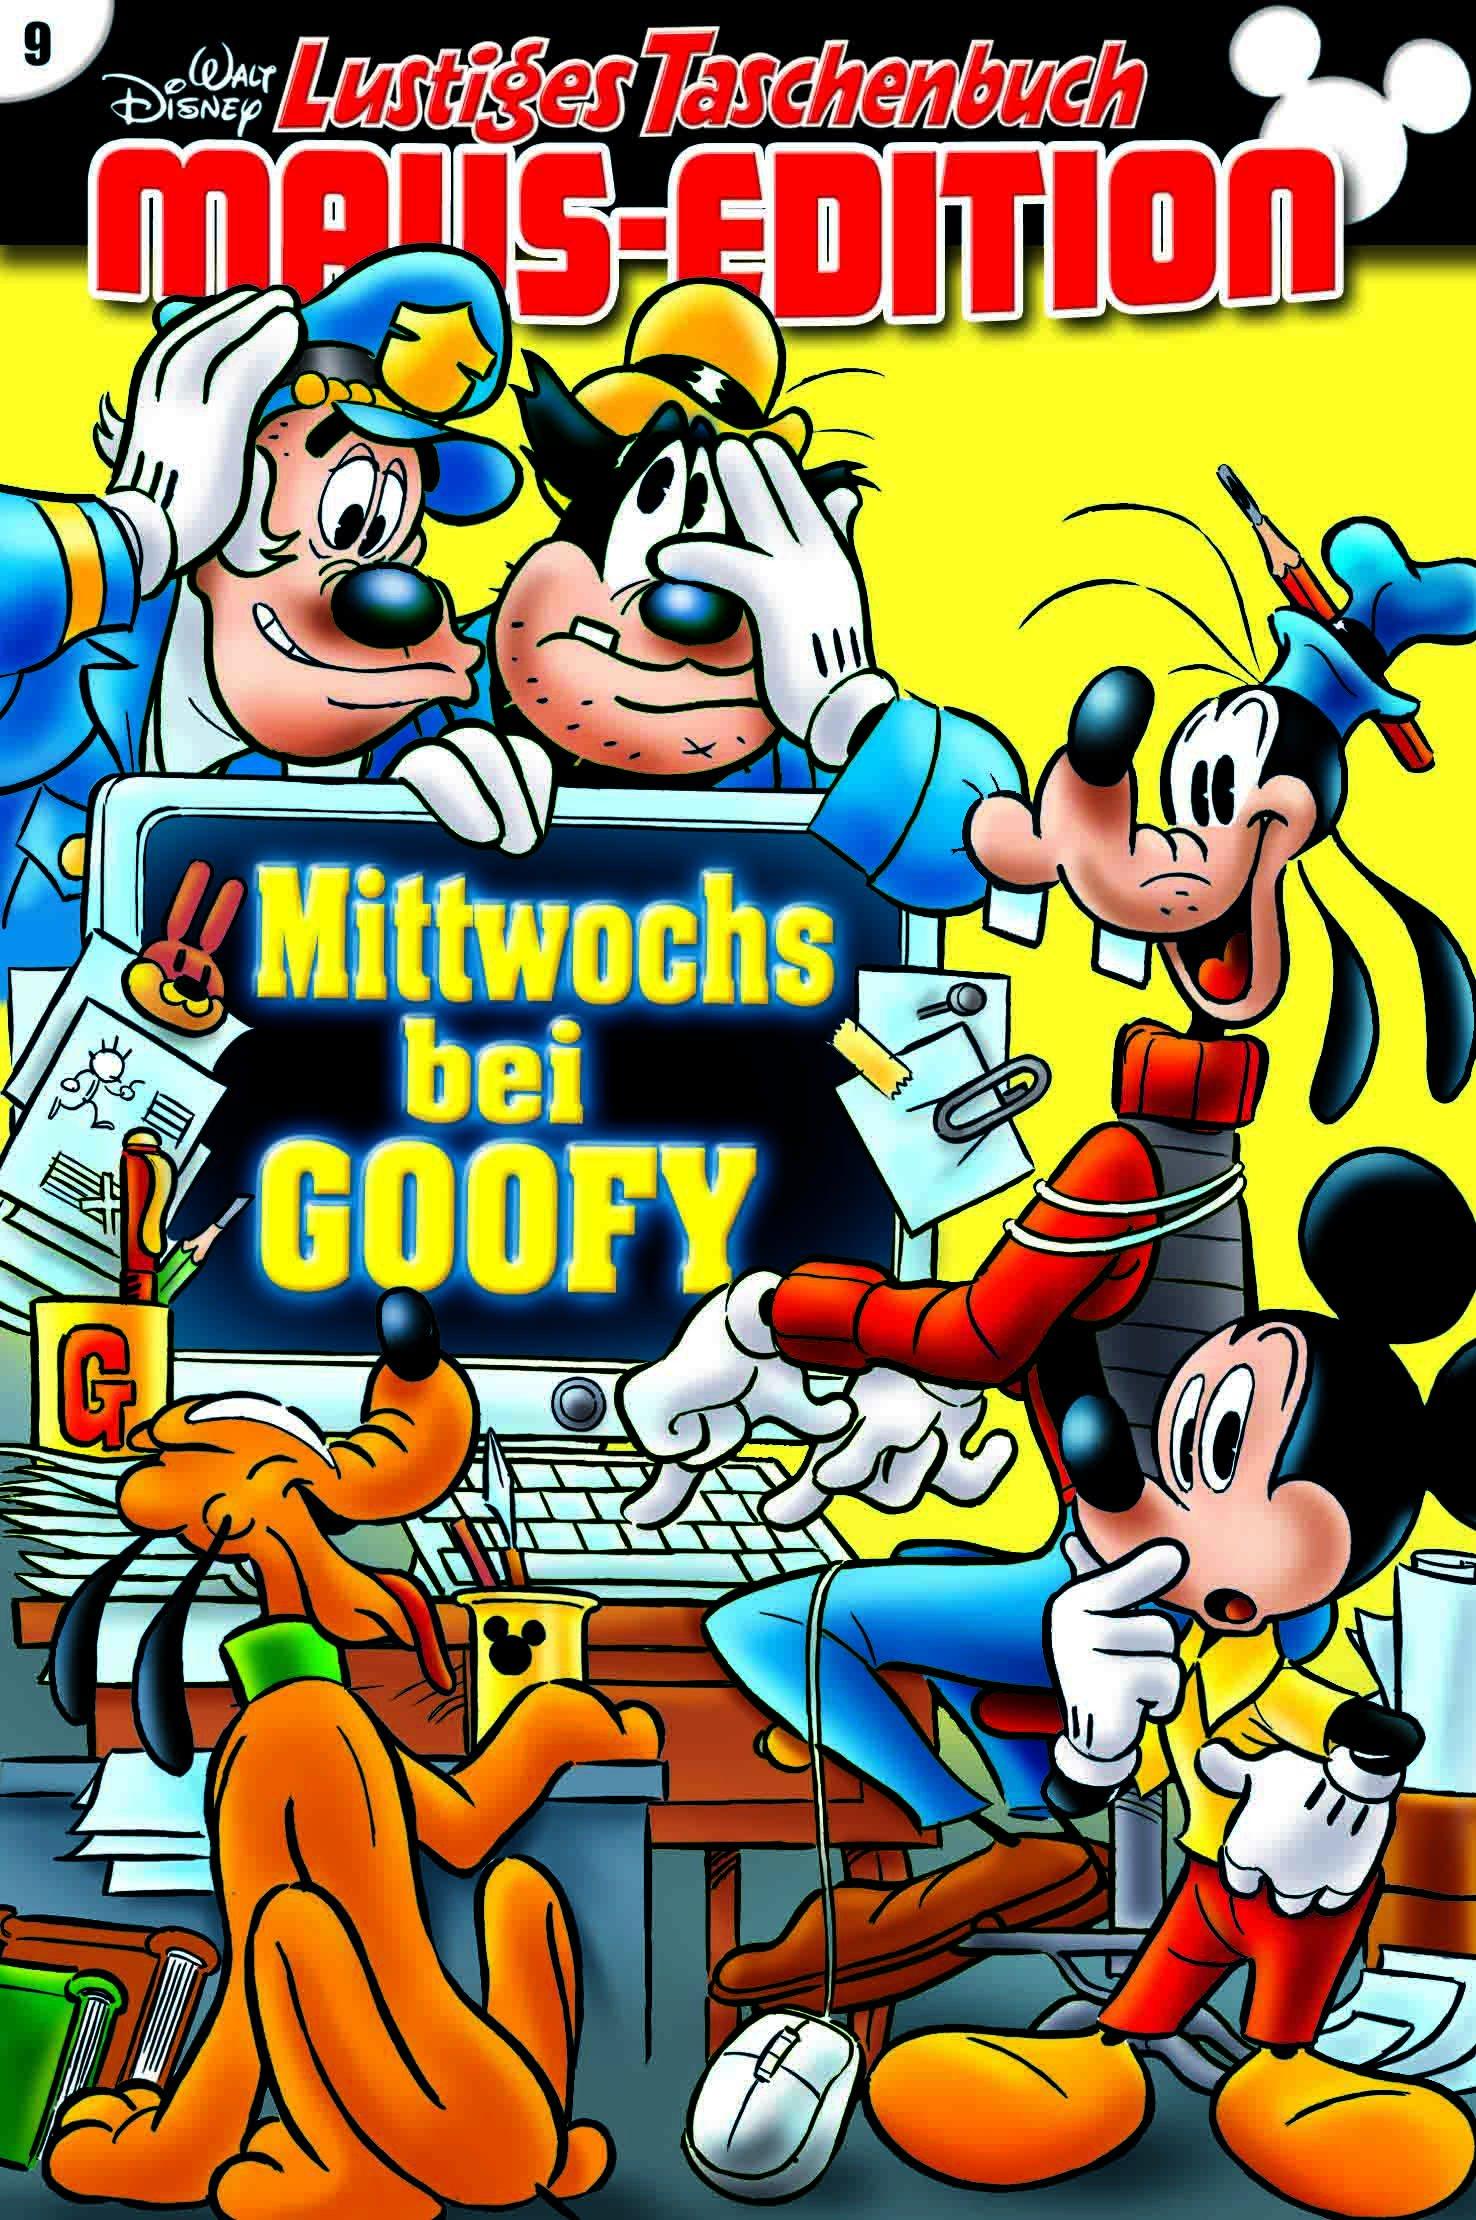 Lustiges Taschenbuch Maus-Edition 09: Mittwochs bei Goofy